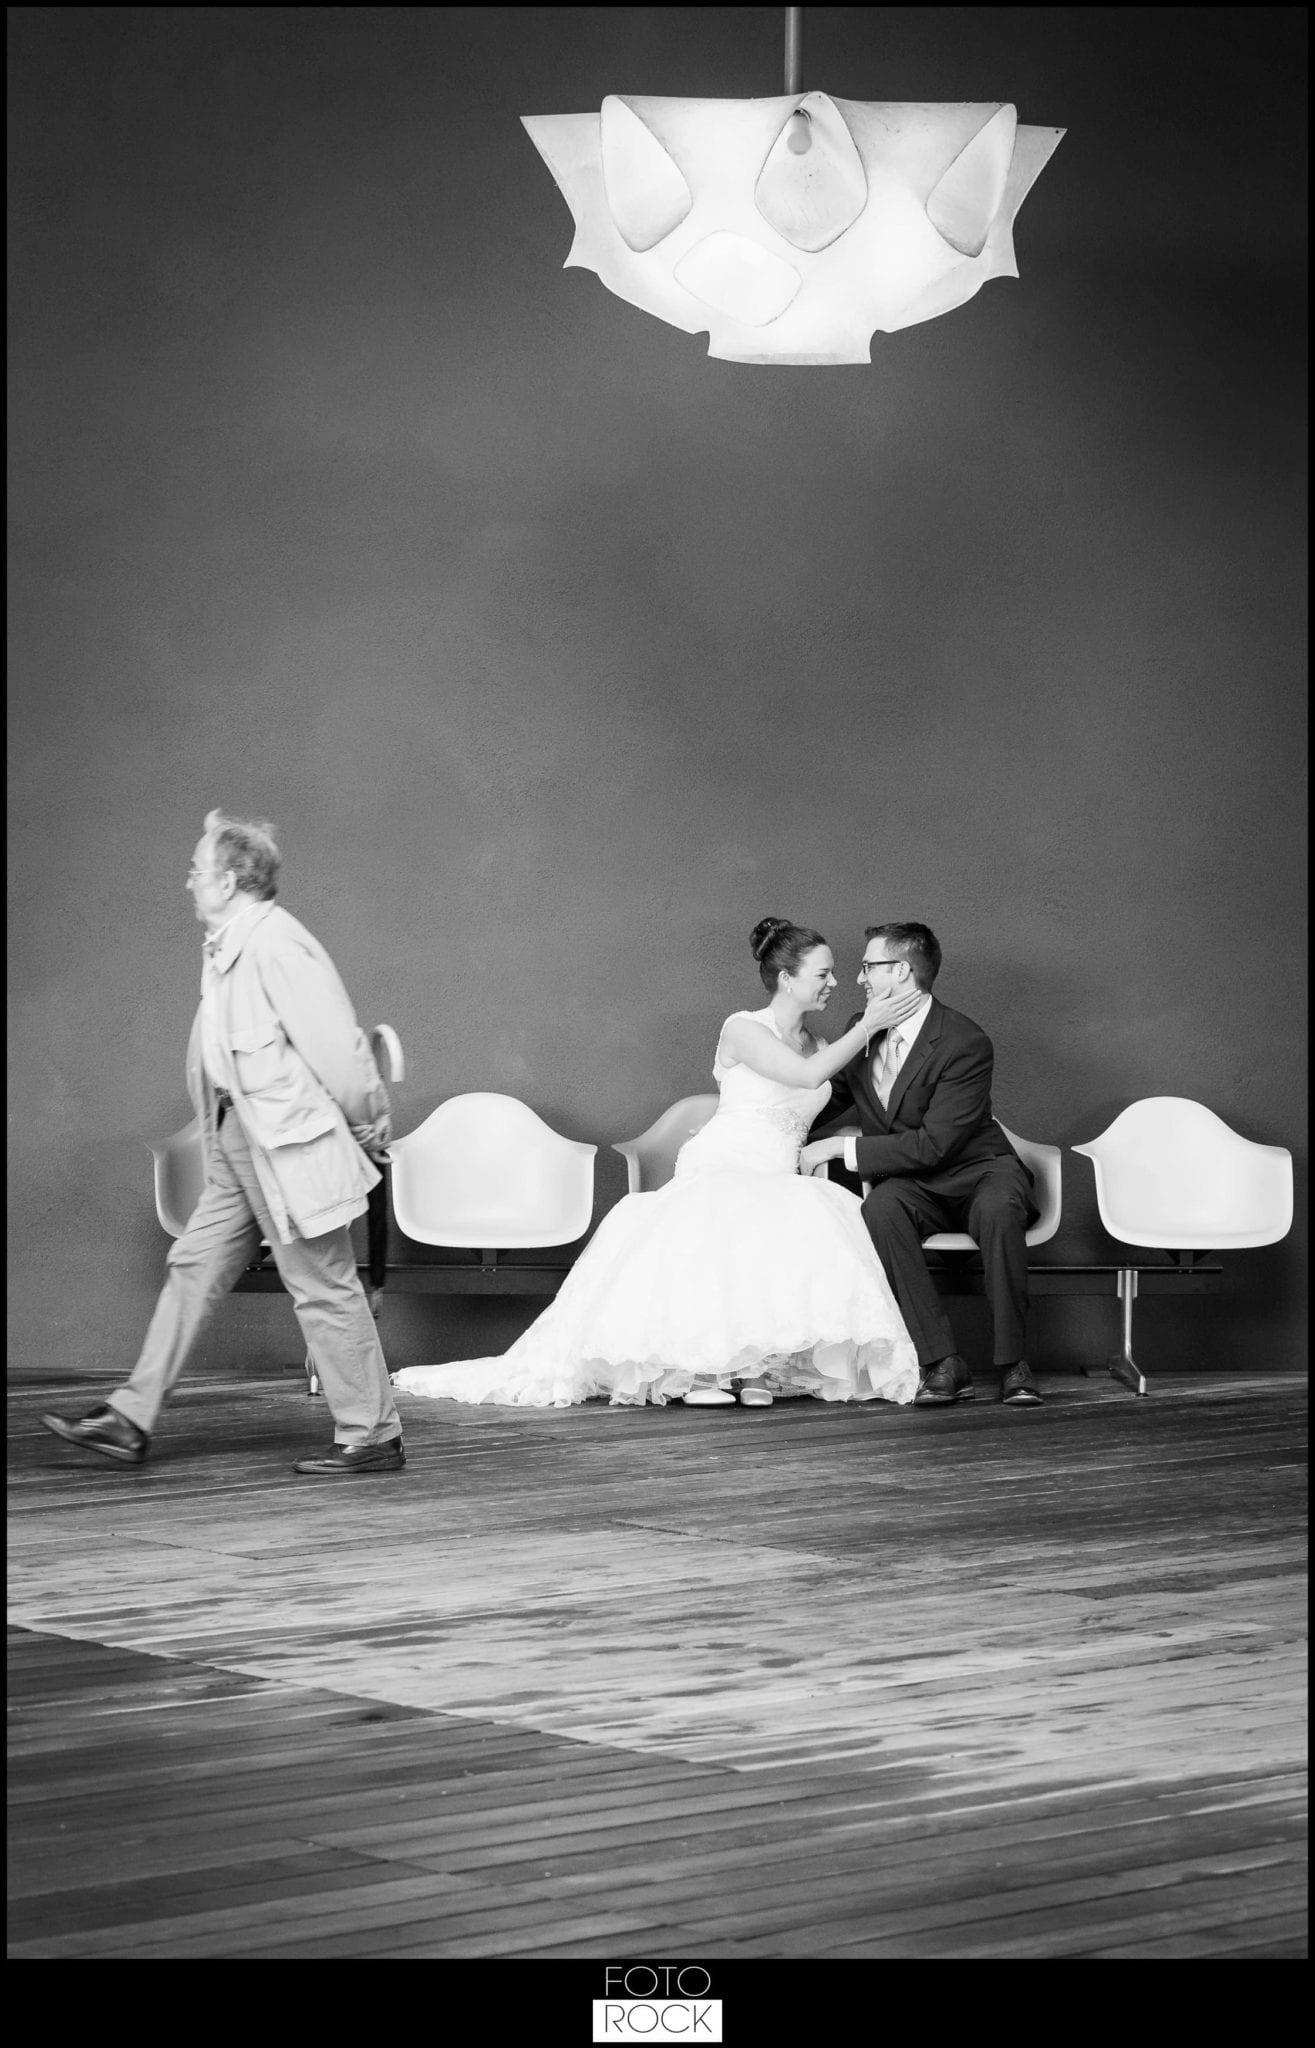 Hochzeit Vitra Design Museum Weil am Rhein Brautpaar Kuss Lampe Stühle Farben